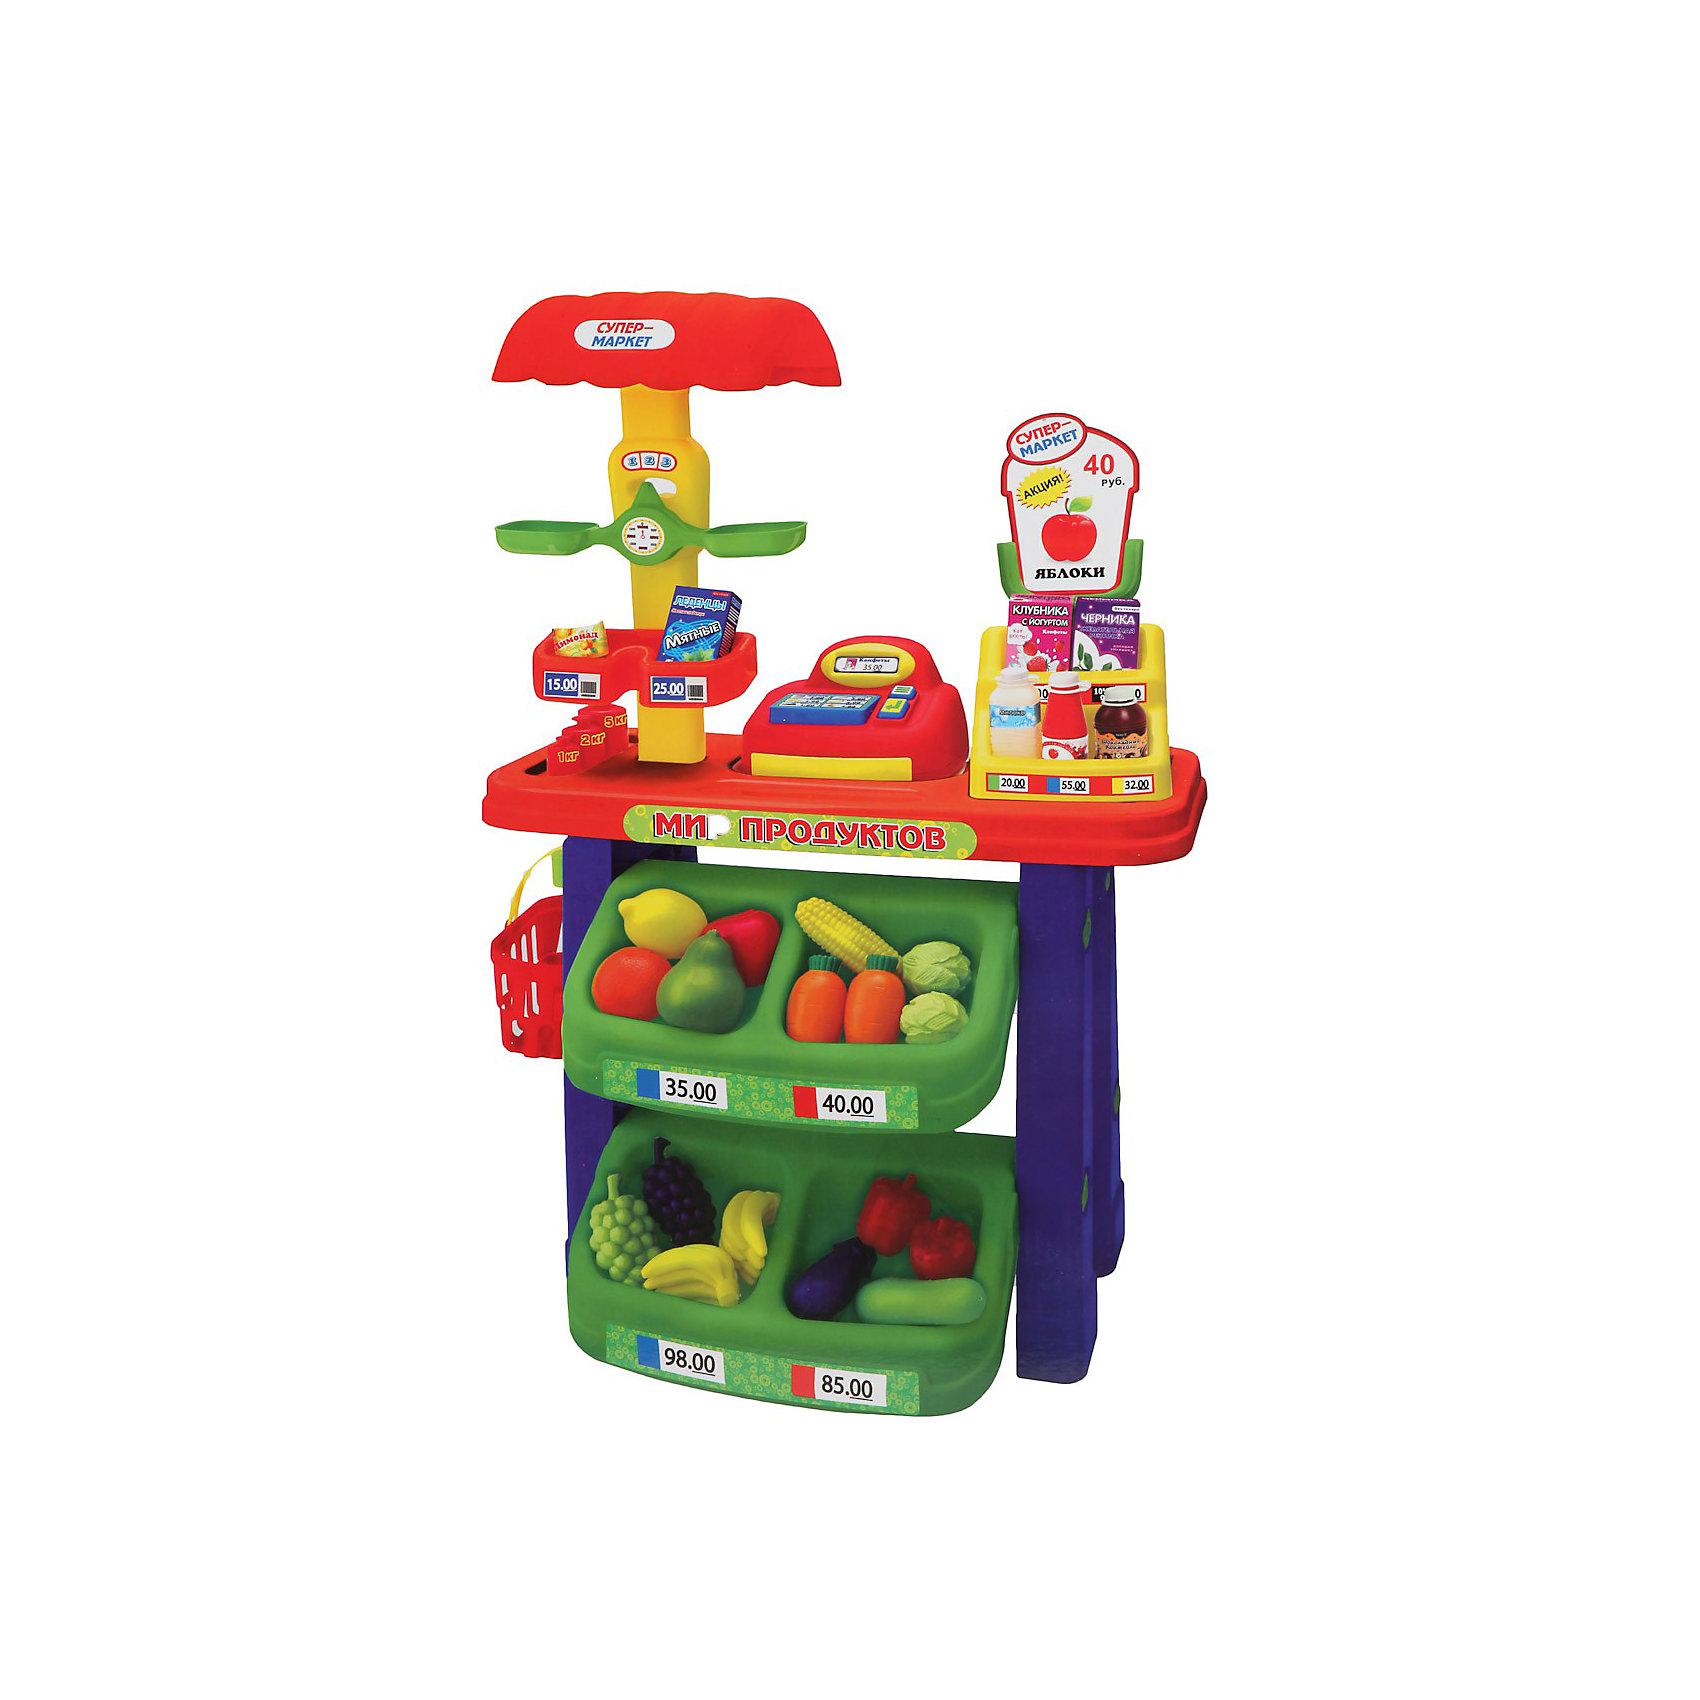 Супермаркет (касса, весы, продукты), Играем вместеДетские магазины и аксесссуары<br>Супермаркет (касса, весы, продукты), Играем вместе - увлекательная сюжетно-ролевая игра, которая понравится Вашему ребенку.<br><br>В набор входит все необходимое для игры в магазин: стеллаж с «продуктами», корзинка покупателя, весы и касса. <br><br>Во время игры в супермаркет ребенок примеряет на себя различные социальные роли, развивает коммуникативные навыки, учится счету. Кроме того, данная игрушка способствует развитию воображения и фантазии Вашего ребенка.<br><br>Дополнительная информация:<br><br>- В набор входит: стеллаж, весы, касса, корзинка для продуктов, набор продуктов.<br>- Размер игрушки (высота стеллажа)  60 см. <br>- Материалы: пластмасса.<br><br>Супермаркет (касса, весы, продукты), Играем вместе можно купить в нашем интернет-магазине.<br><br>Ширина мм: 140<br>Глубина мм: 530<br>Высота мм: 600<br>Вес г: 7500<br>Возраст от месяцев: 36<br>Возраст до месяцев: 144<br>Пол: Унисекс<br>Возраст: Детский<br>SKU: 3384117